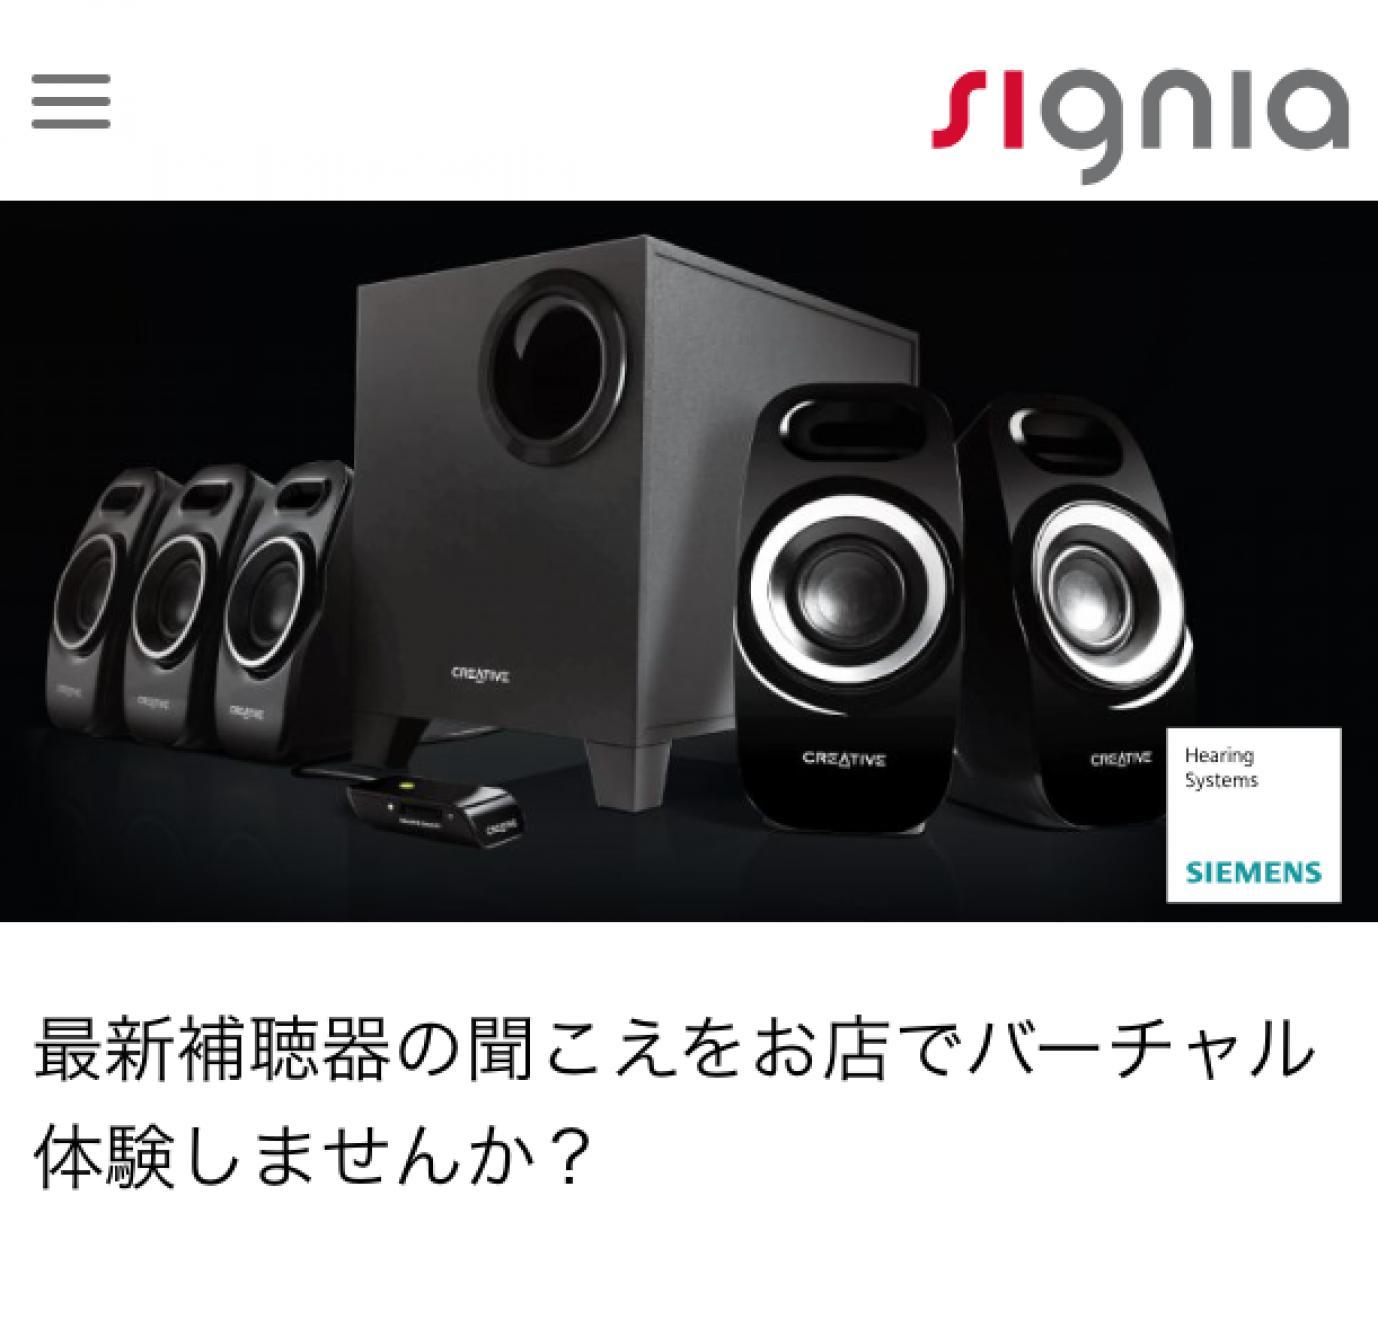 相模原伊勢丹店「補聴器バーチャル体験セミナー」のお知らせ